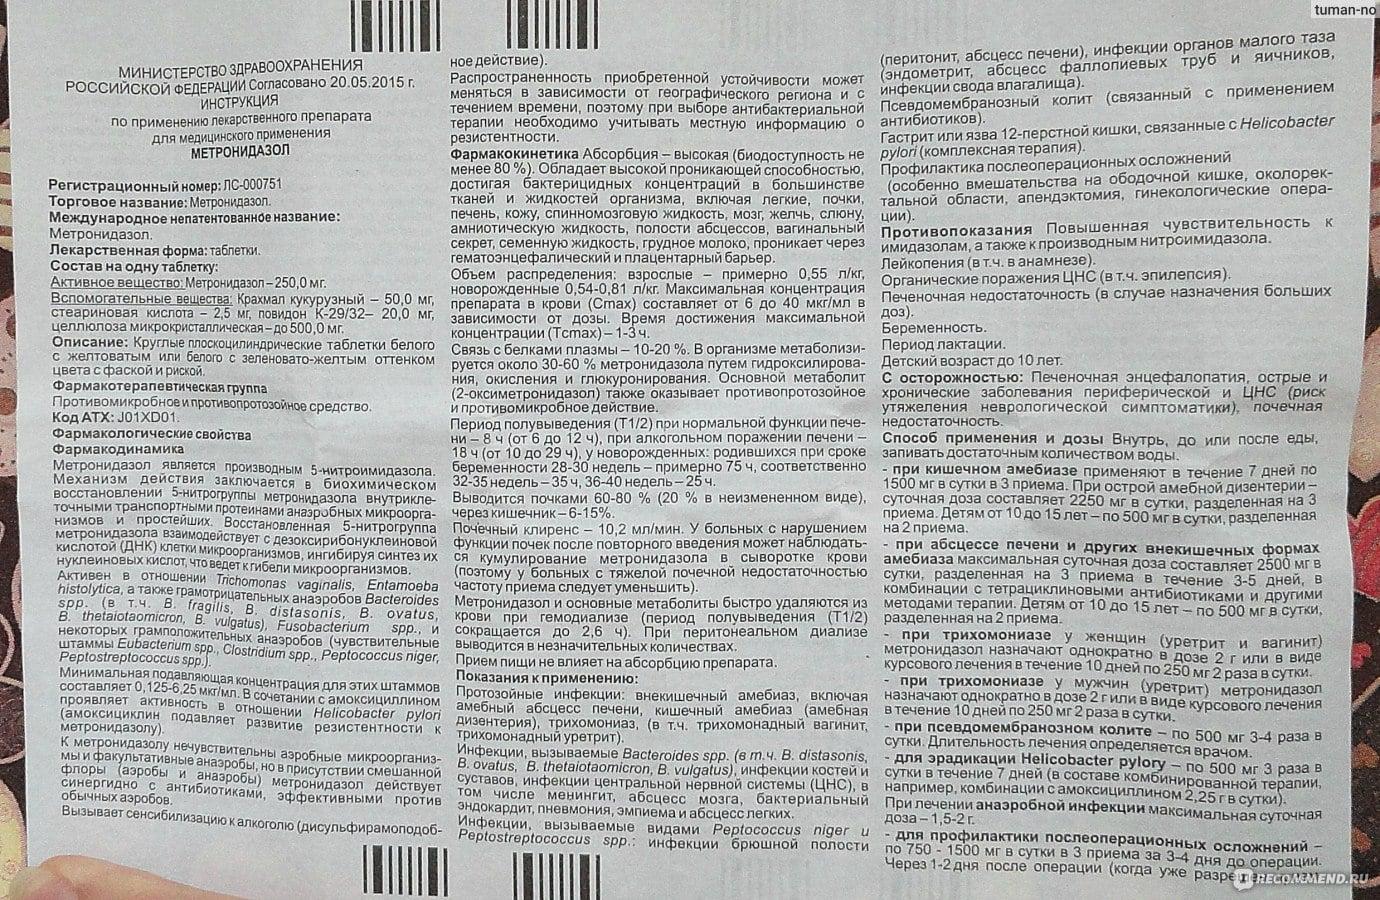 Лечение цистита «Метронидазолом»